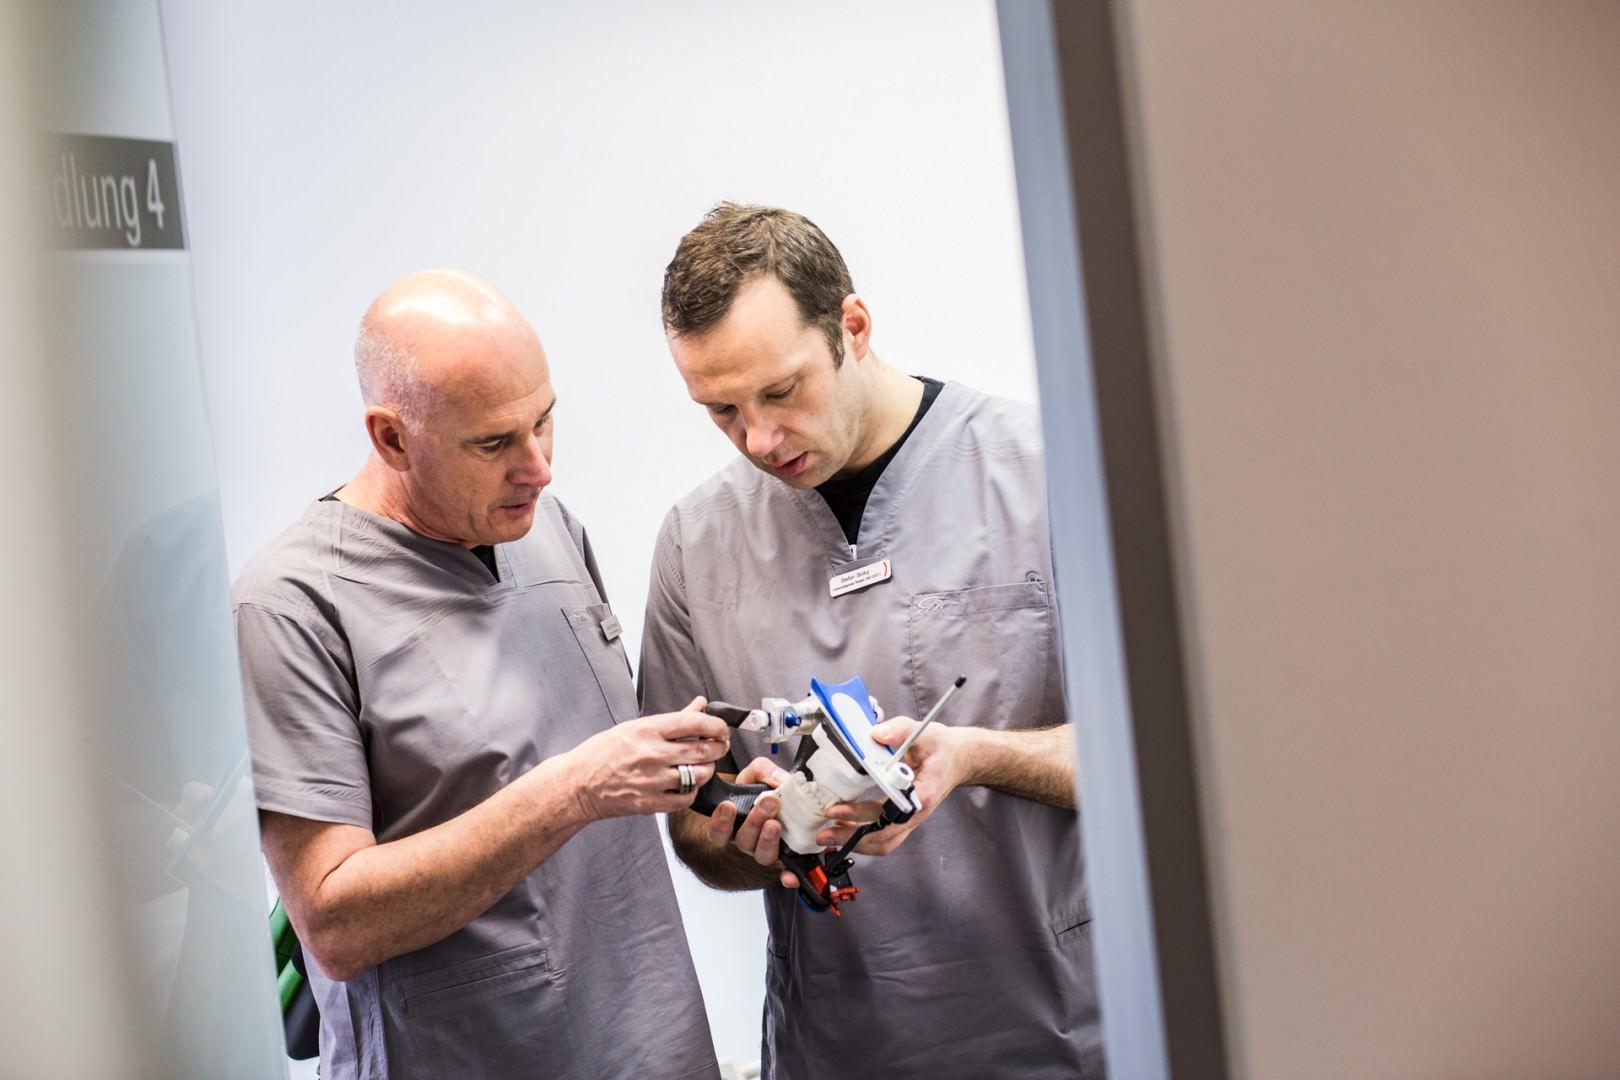 Zahnkultur Köln - Dr. Martin Schneider und Stefan Bolky